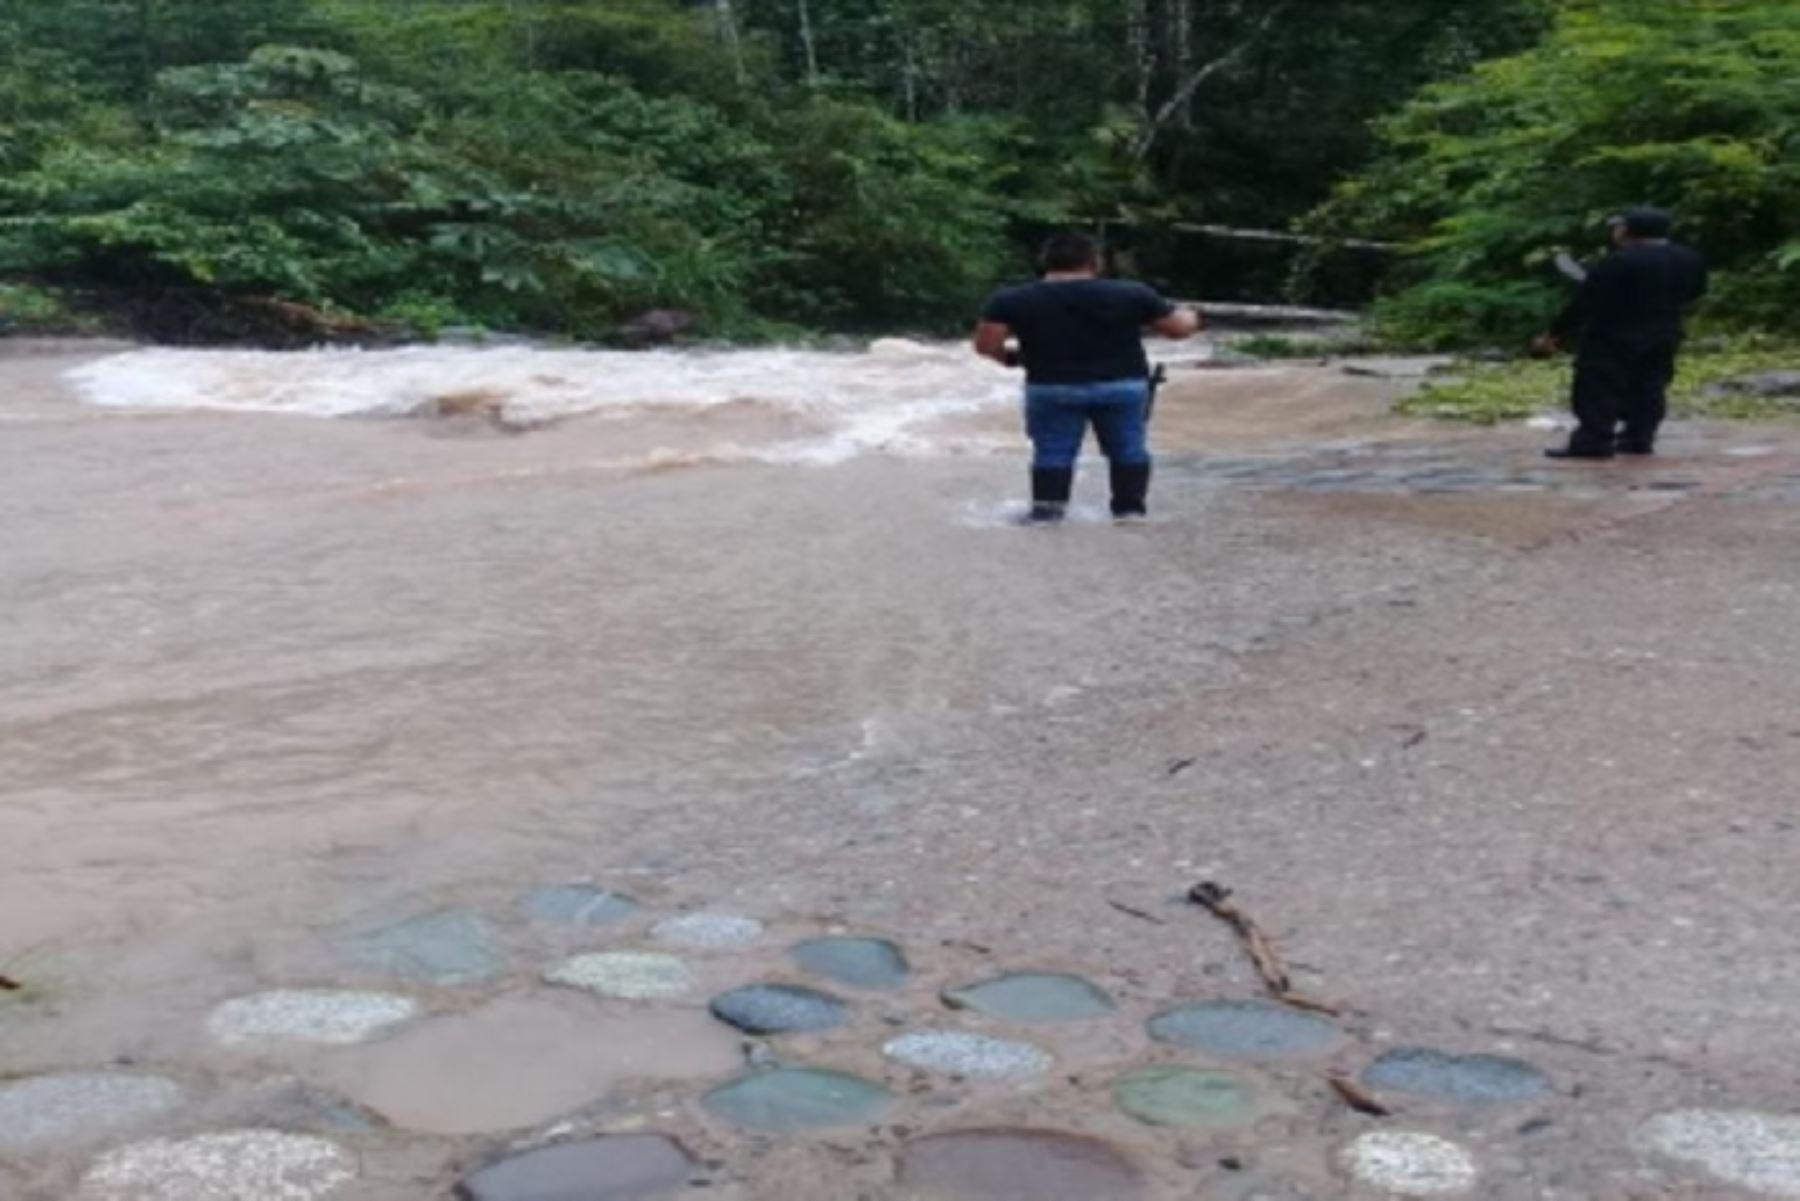 Personal de la Policía Nacional de Pozuzo, en la región Pasco, con apoyo de pobladores de la zona, continúan la búsqueda de una persona desaparecida, cuando la moto en la que viajaba se accidentó al cruzar un badén ubicado en el kilómetro 108 de la carretera de Pozuzo, debido a las intensas lluvias.